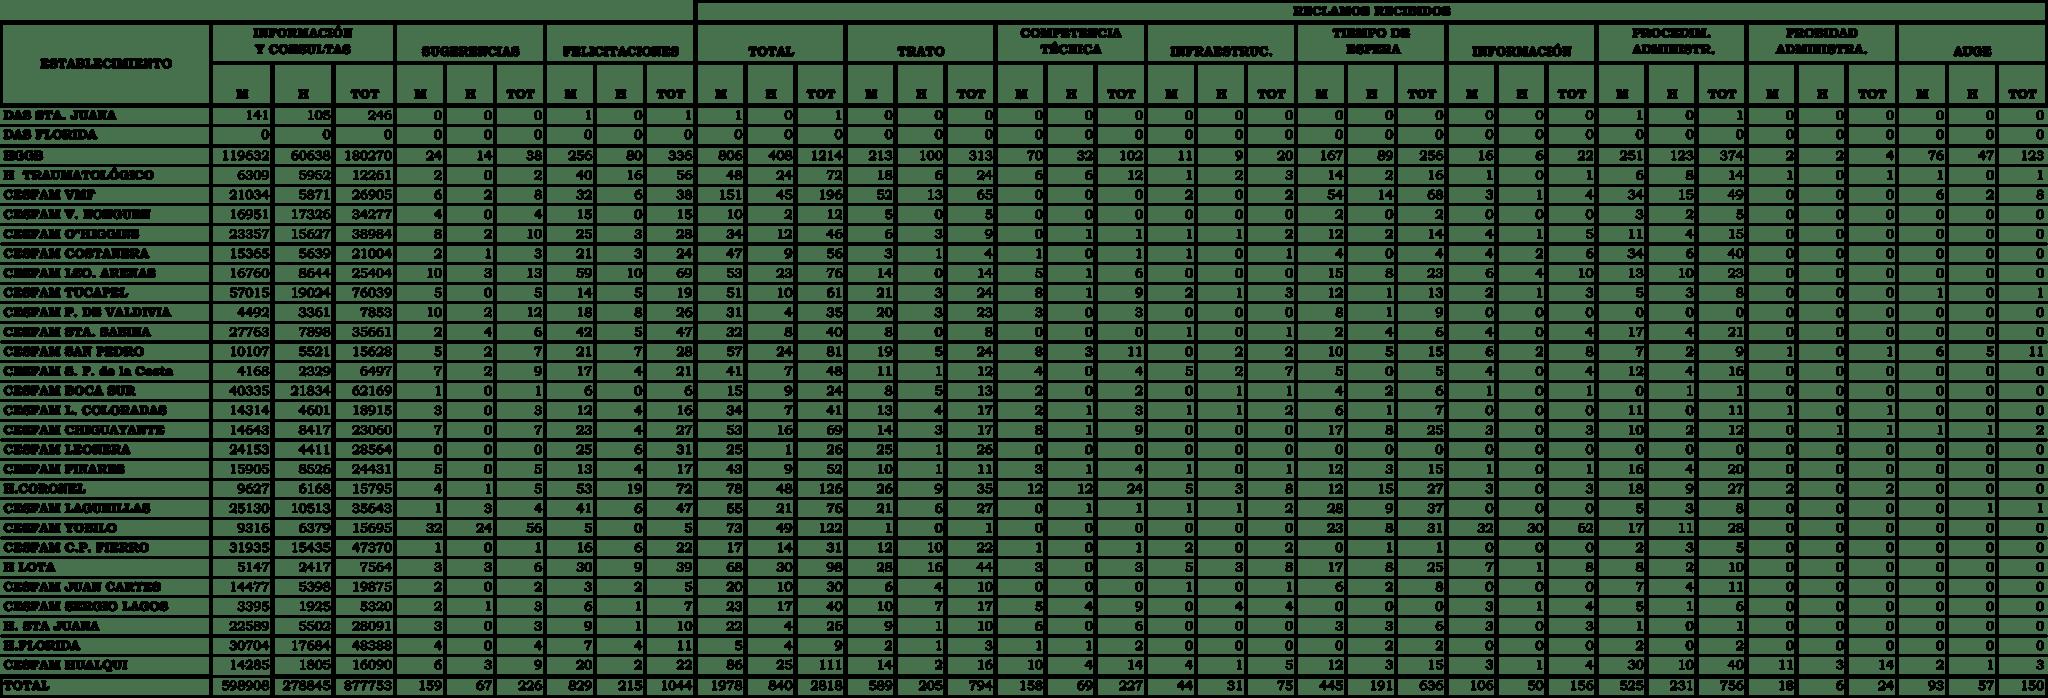 Estadística OIRS del Proyecto 2010